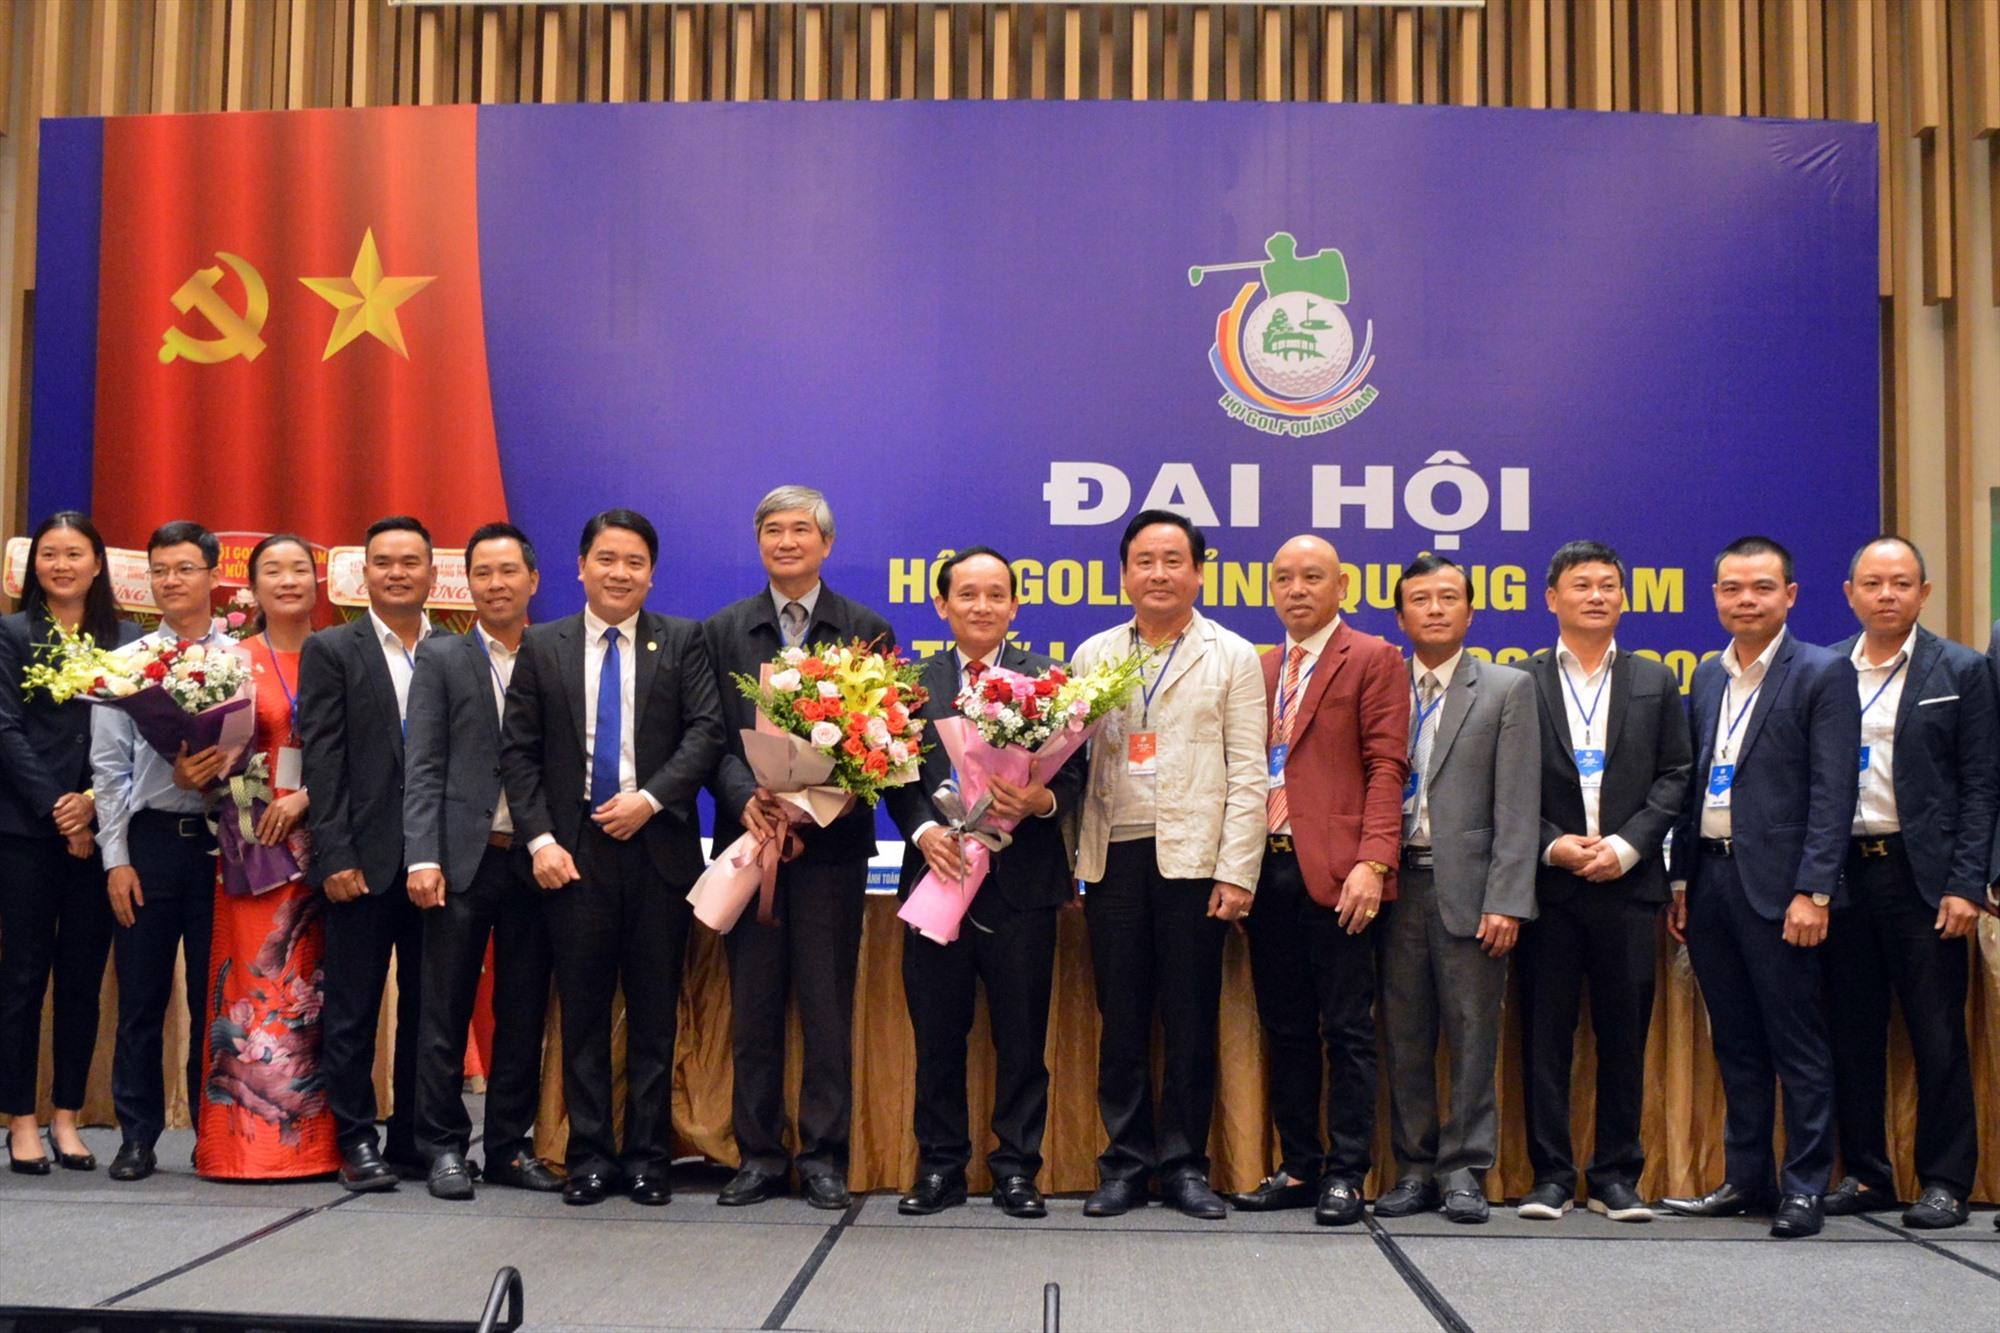 Ban chấp hành Hội Golf tỉnh Quảng Nam nhiệm kỳ 2020 - 2025